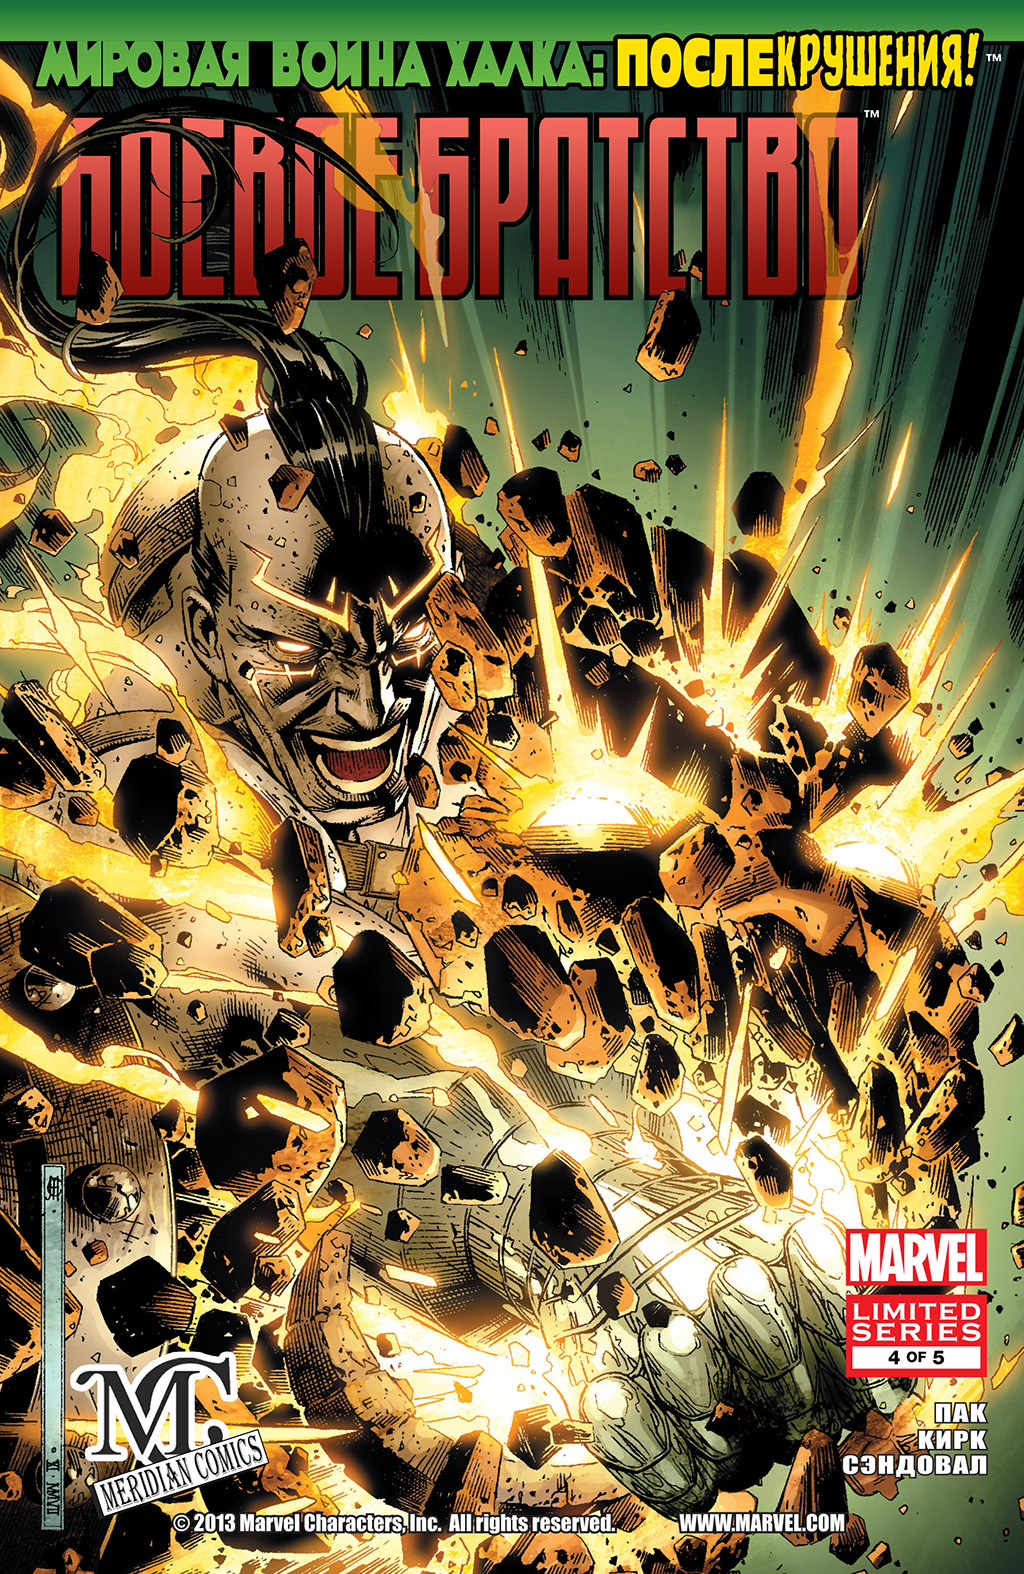 Комикс Мировая Война Халка - После Крушения - Боевое Братство